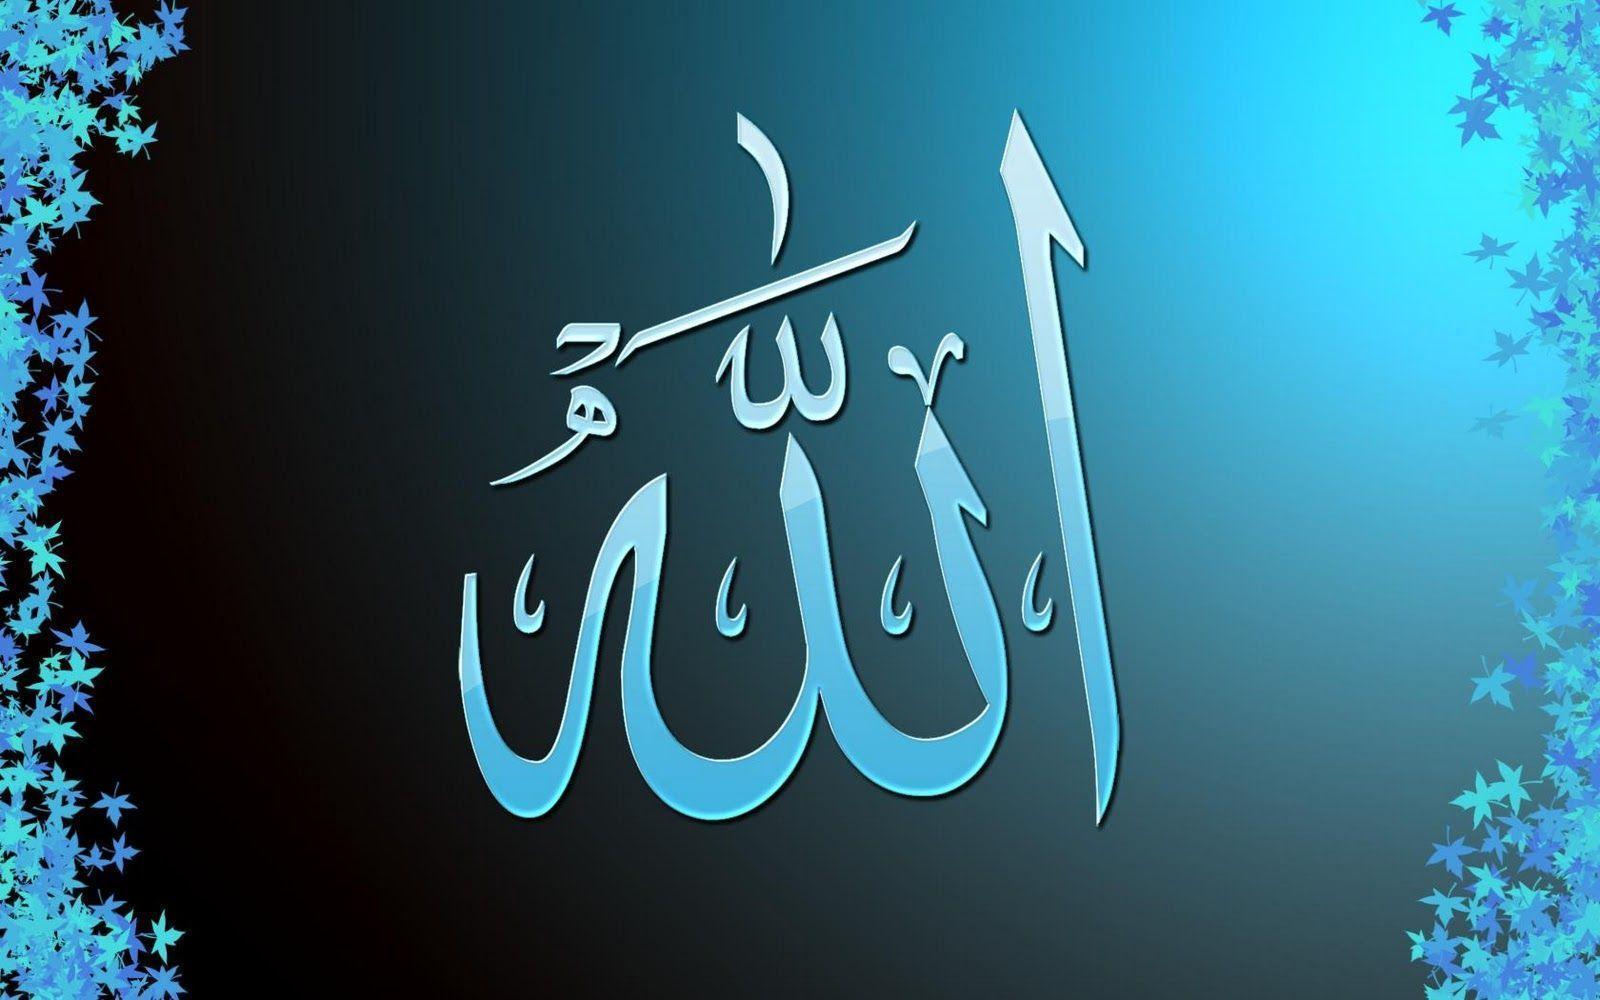 Allah Wallpaper | JoinIslamOnline